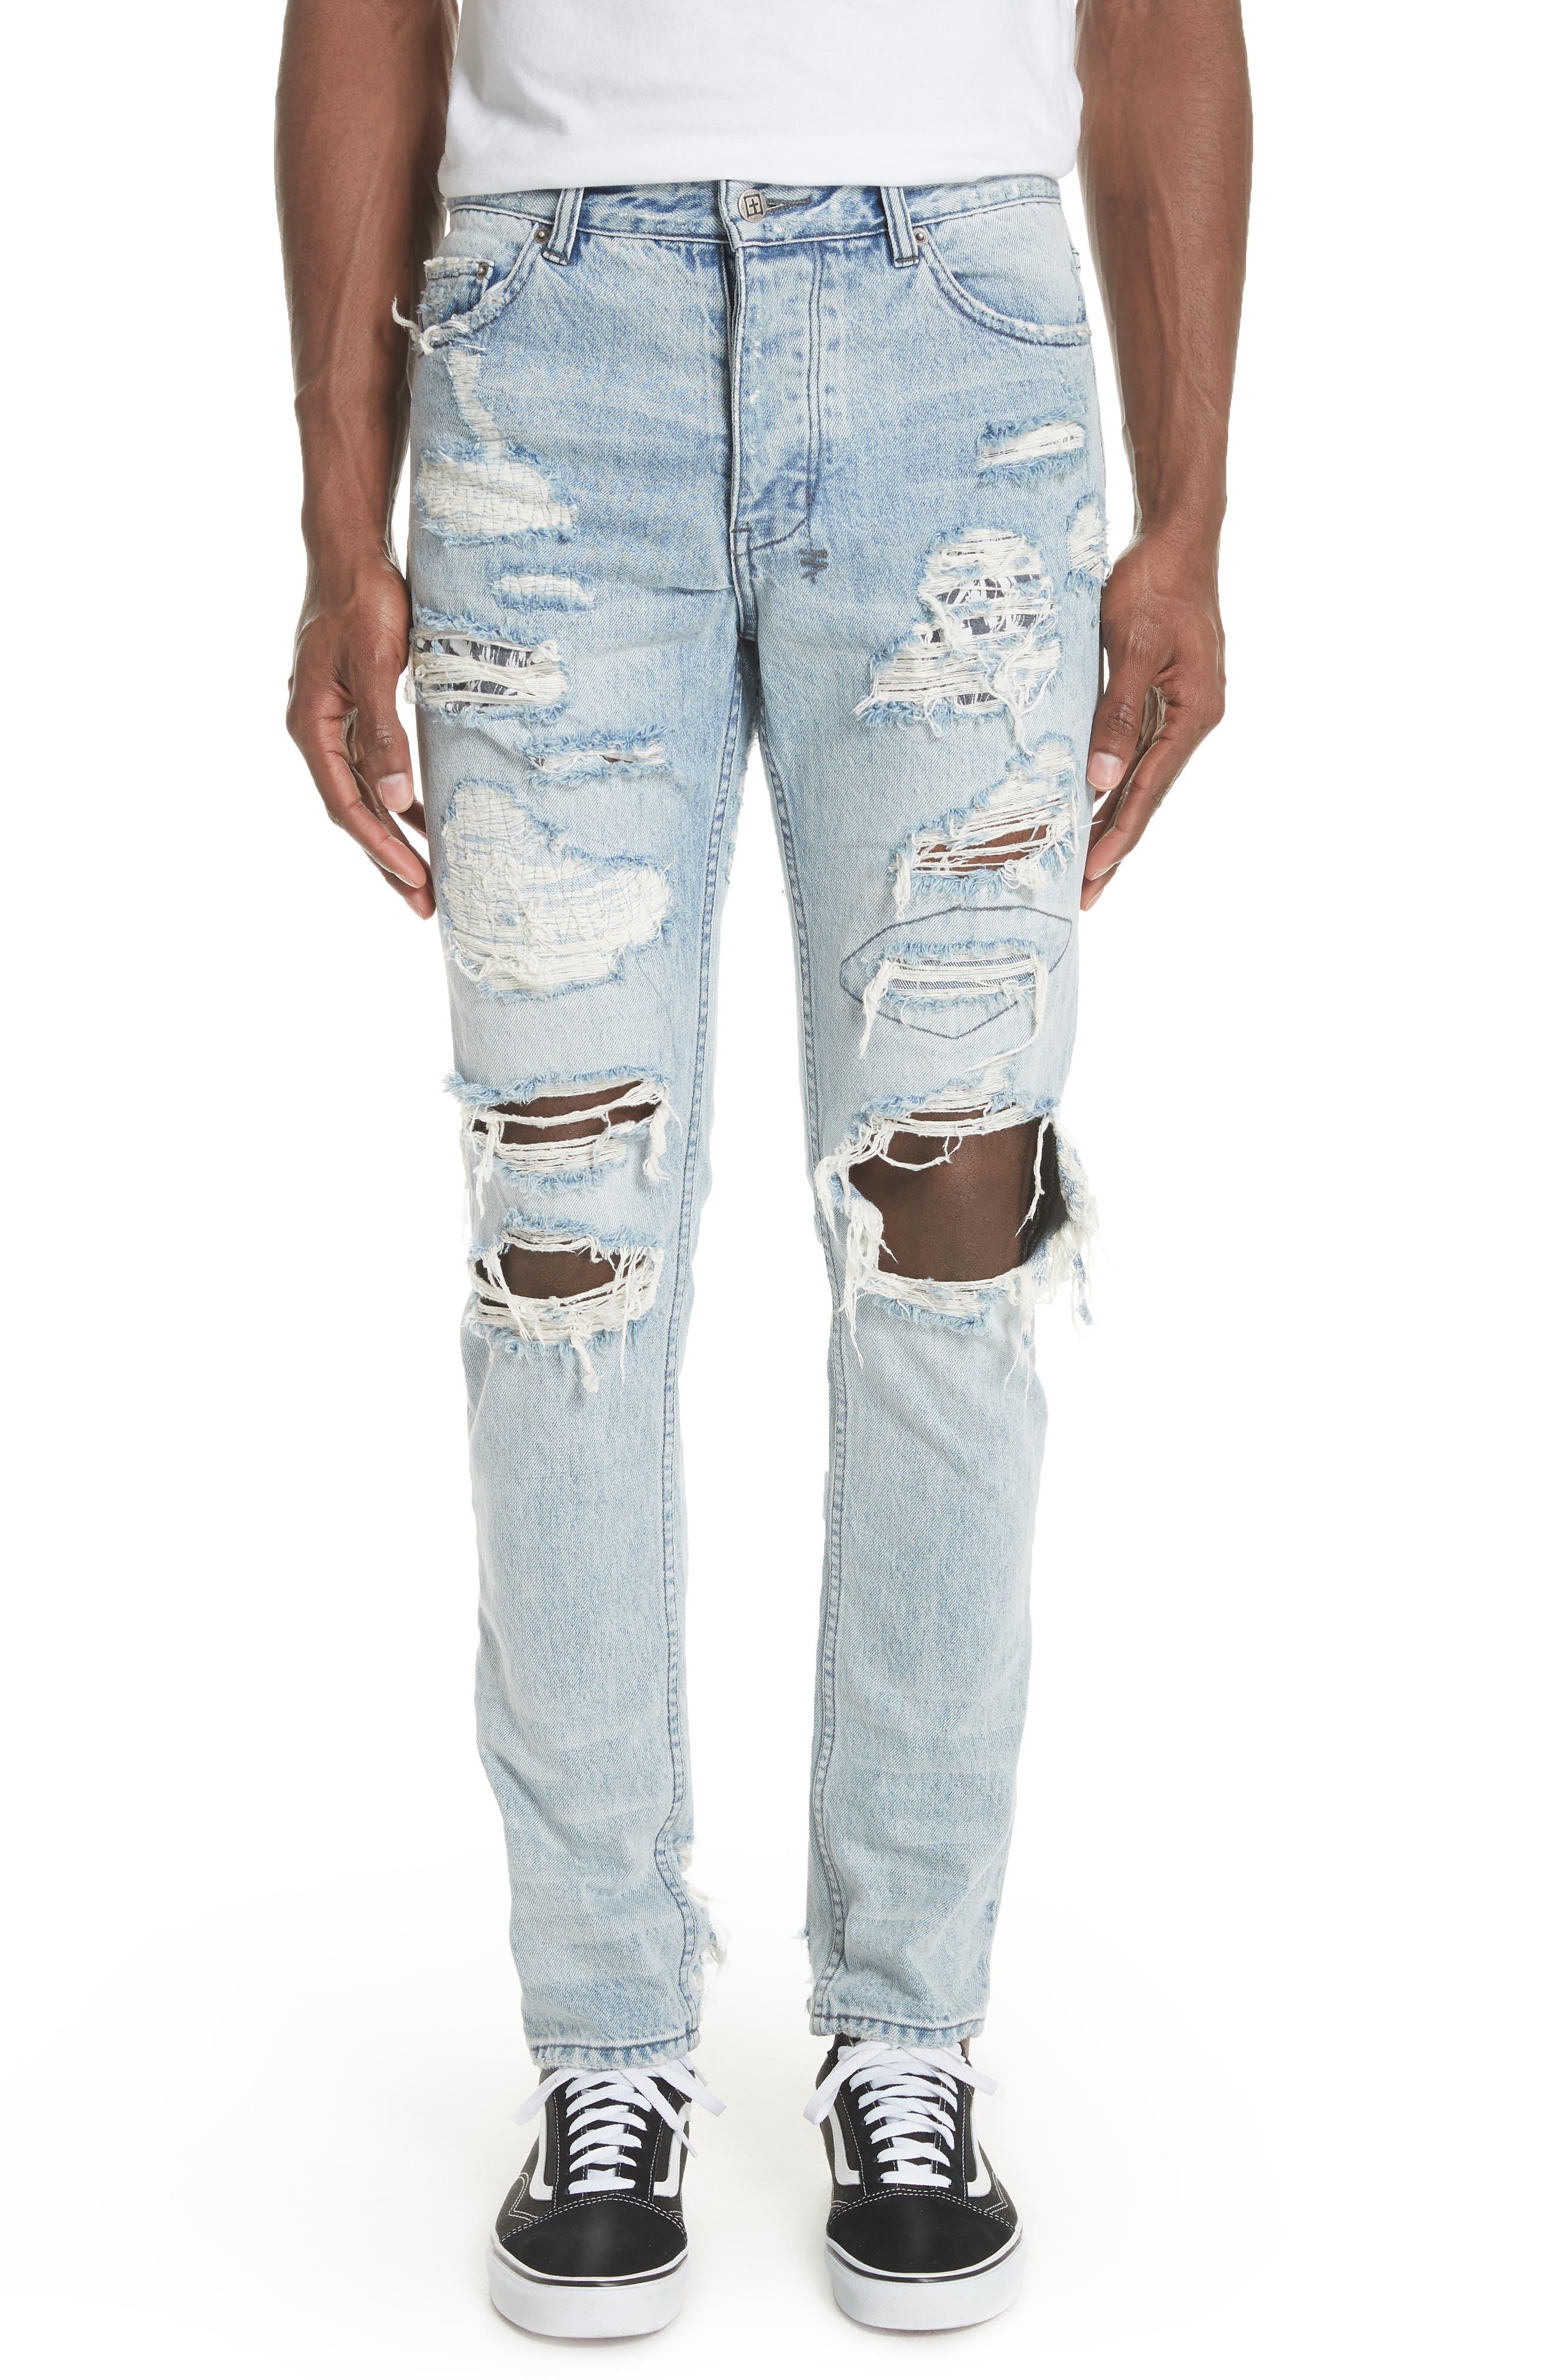 Chitch Tropo Trash Jeans,                         Main,                         color, DENIM